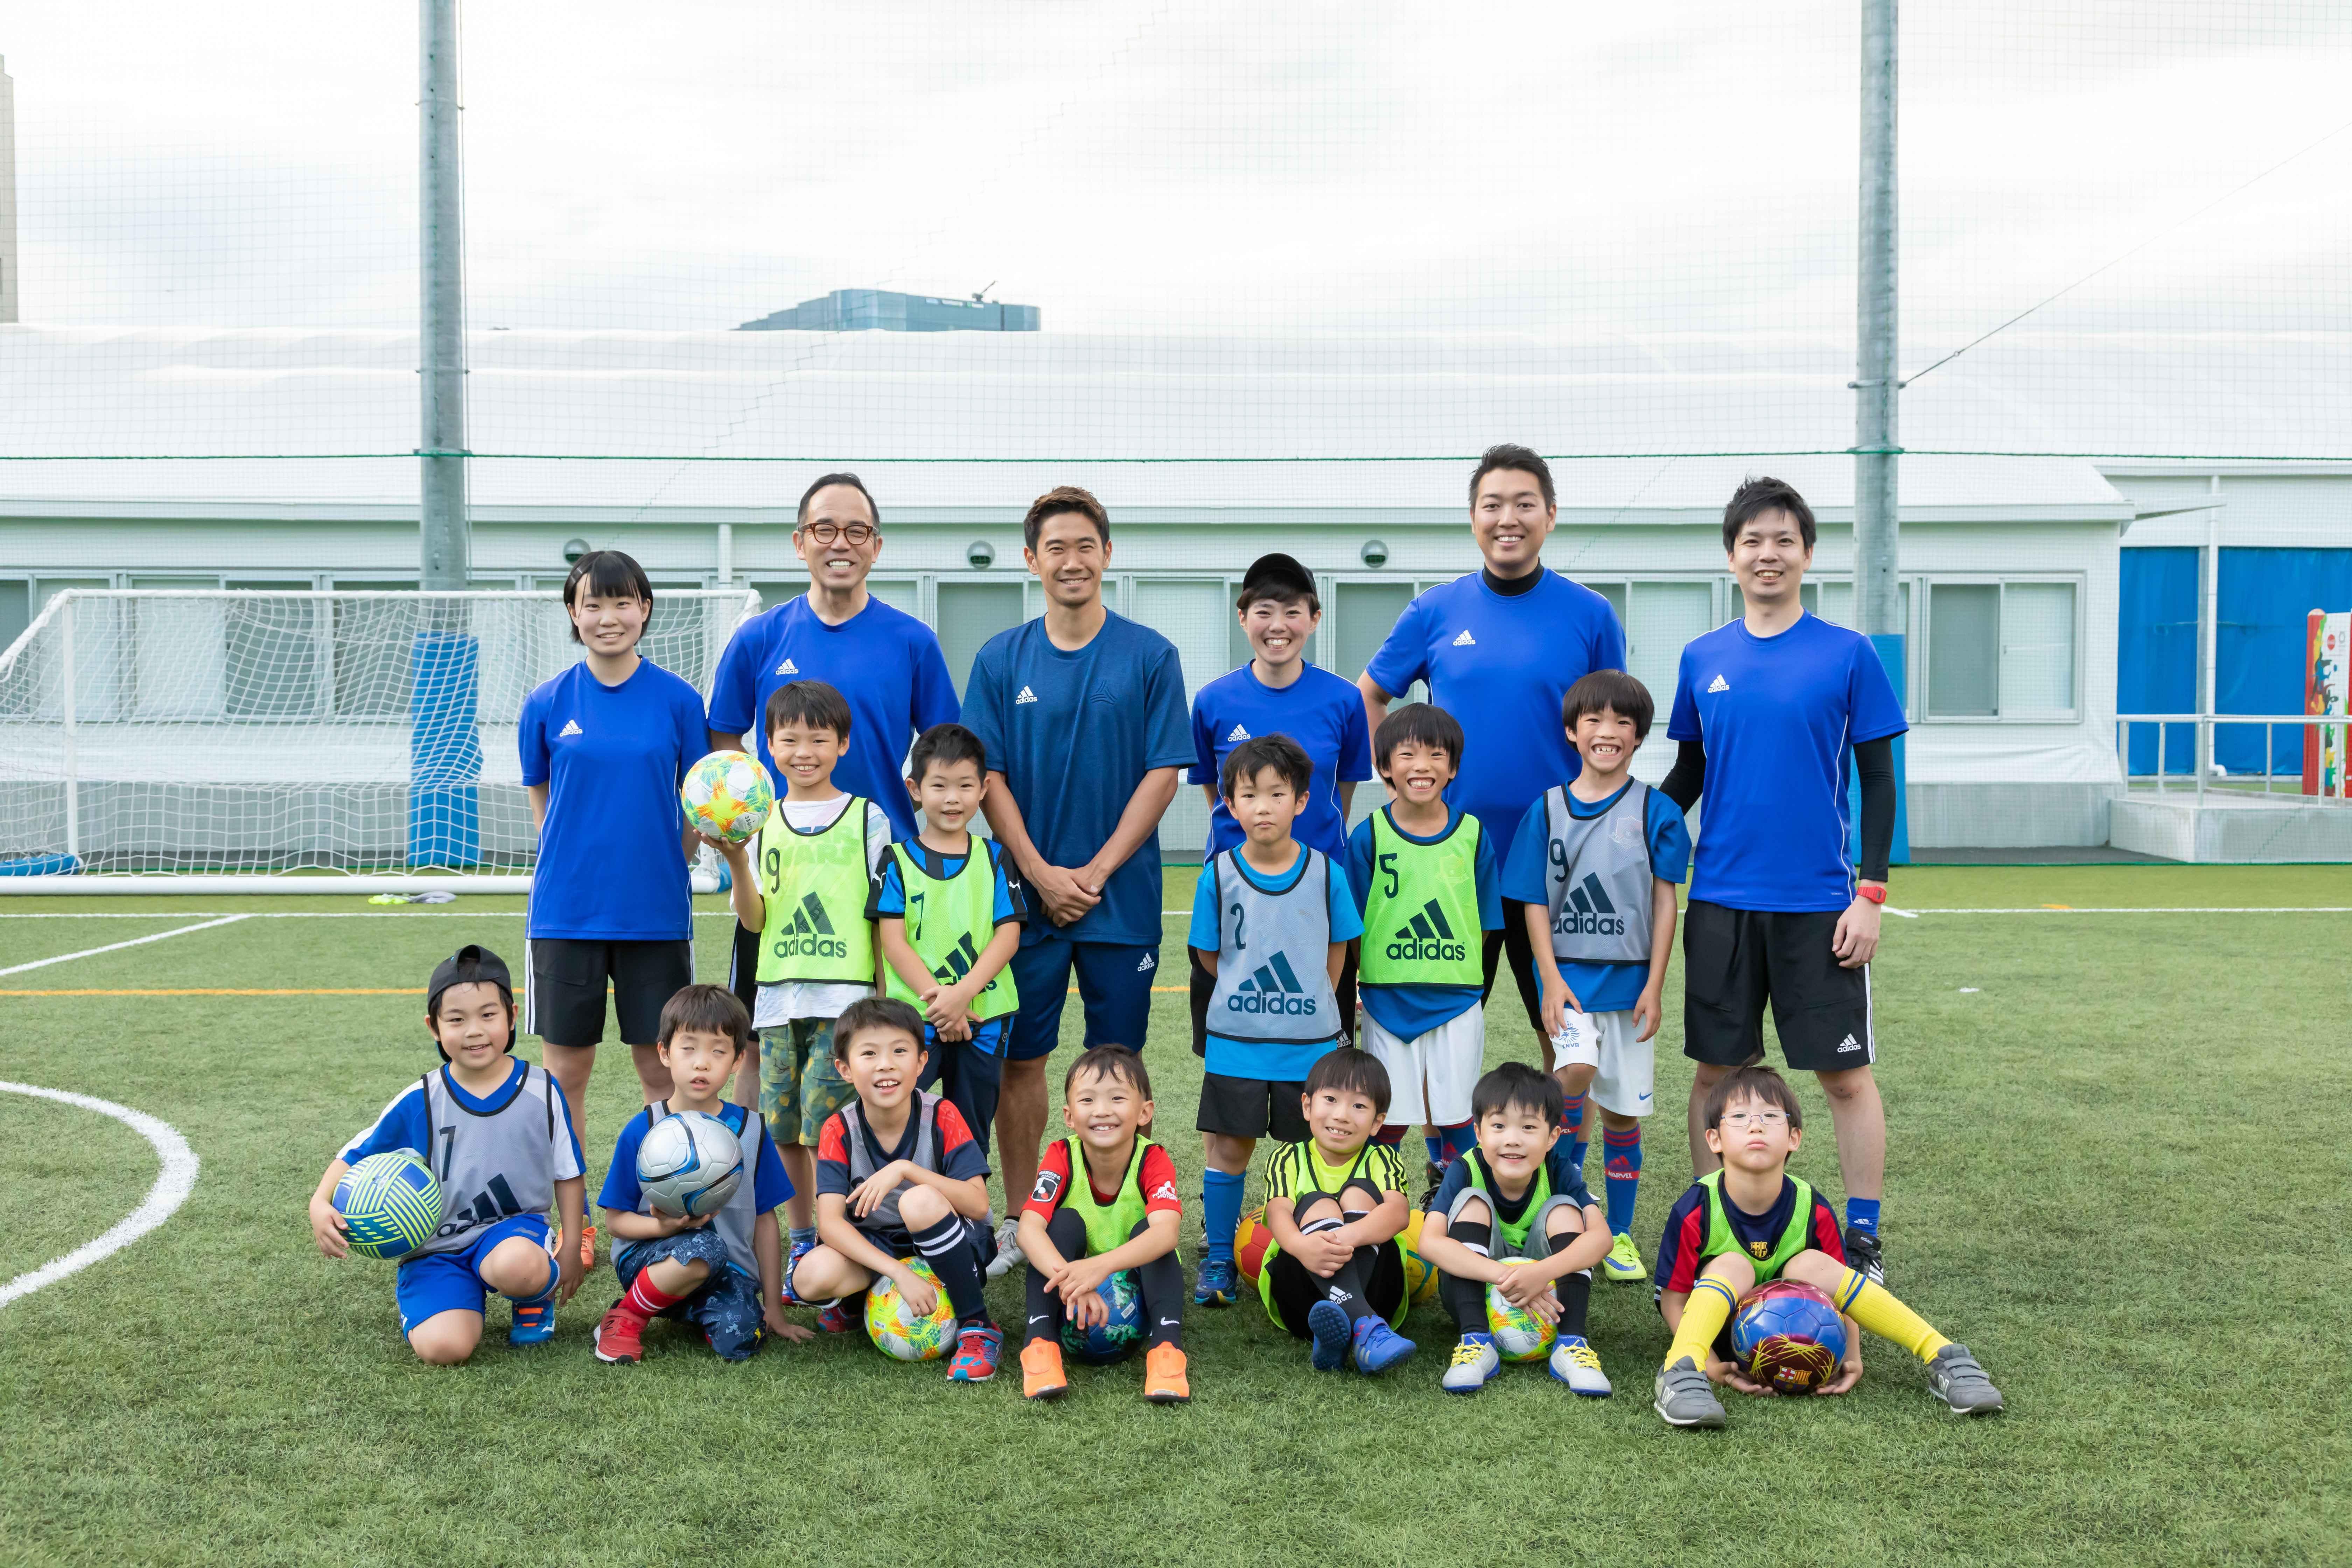 Hanaspoサッカー教室 西葛西校